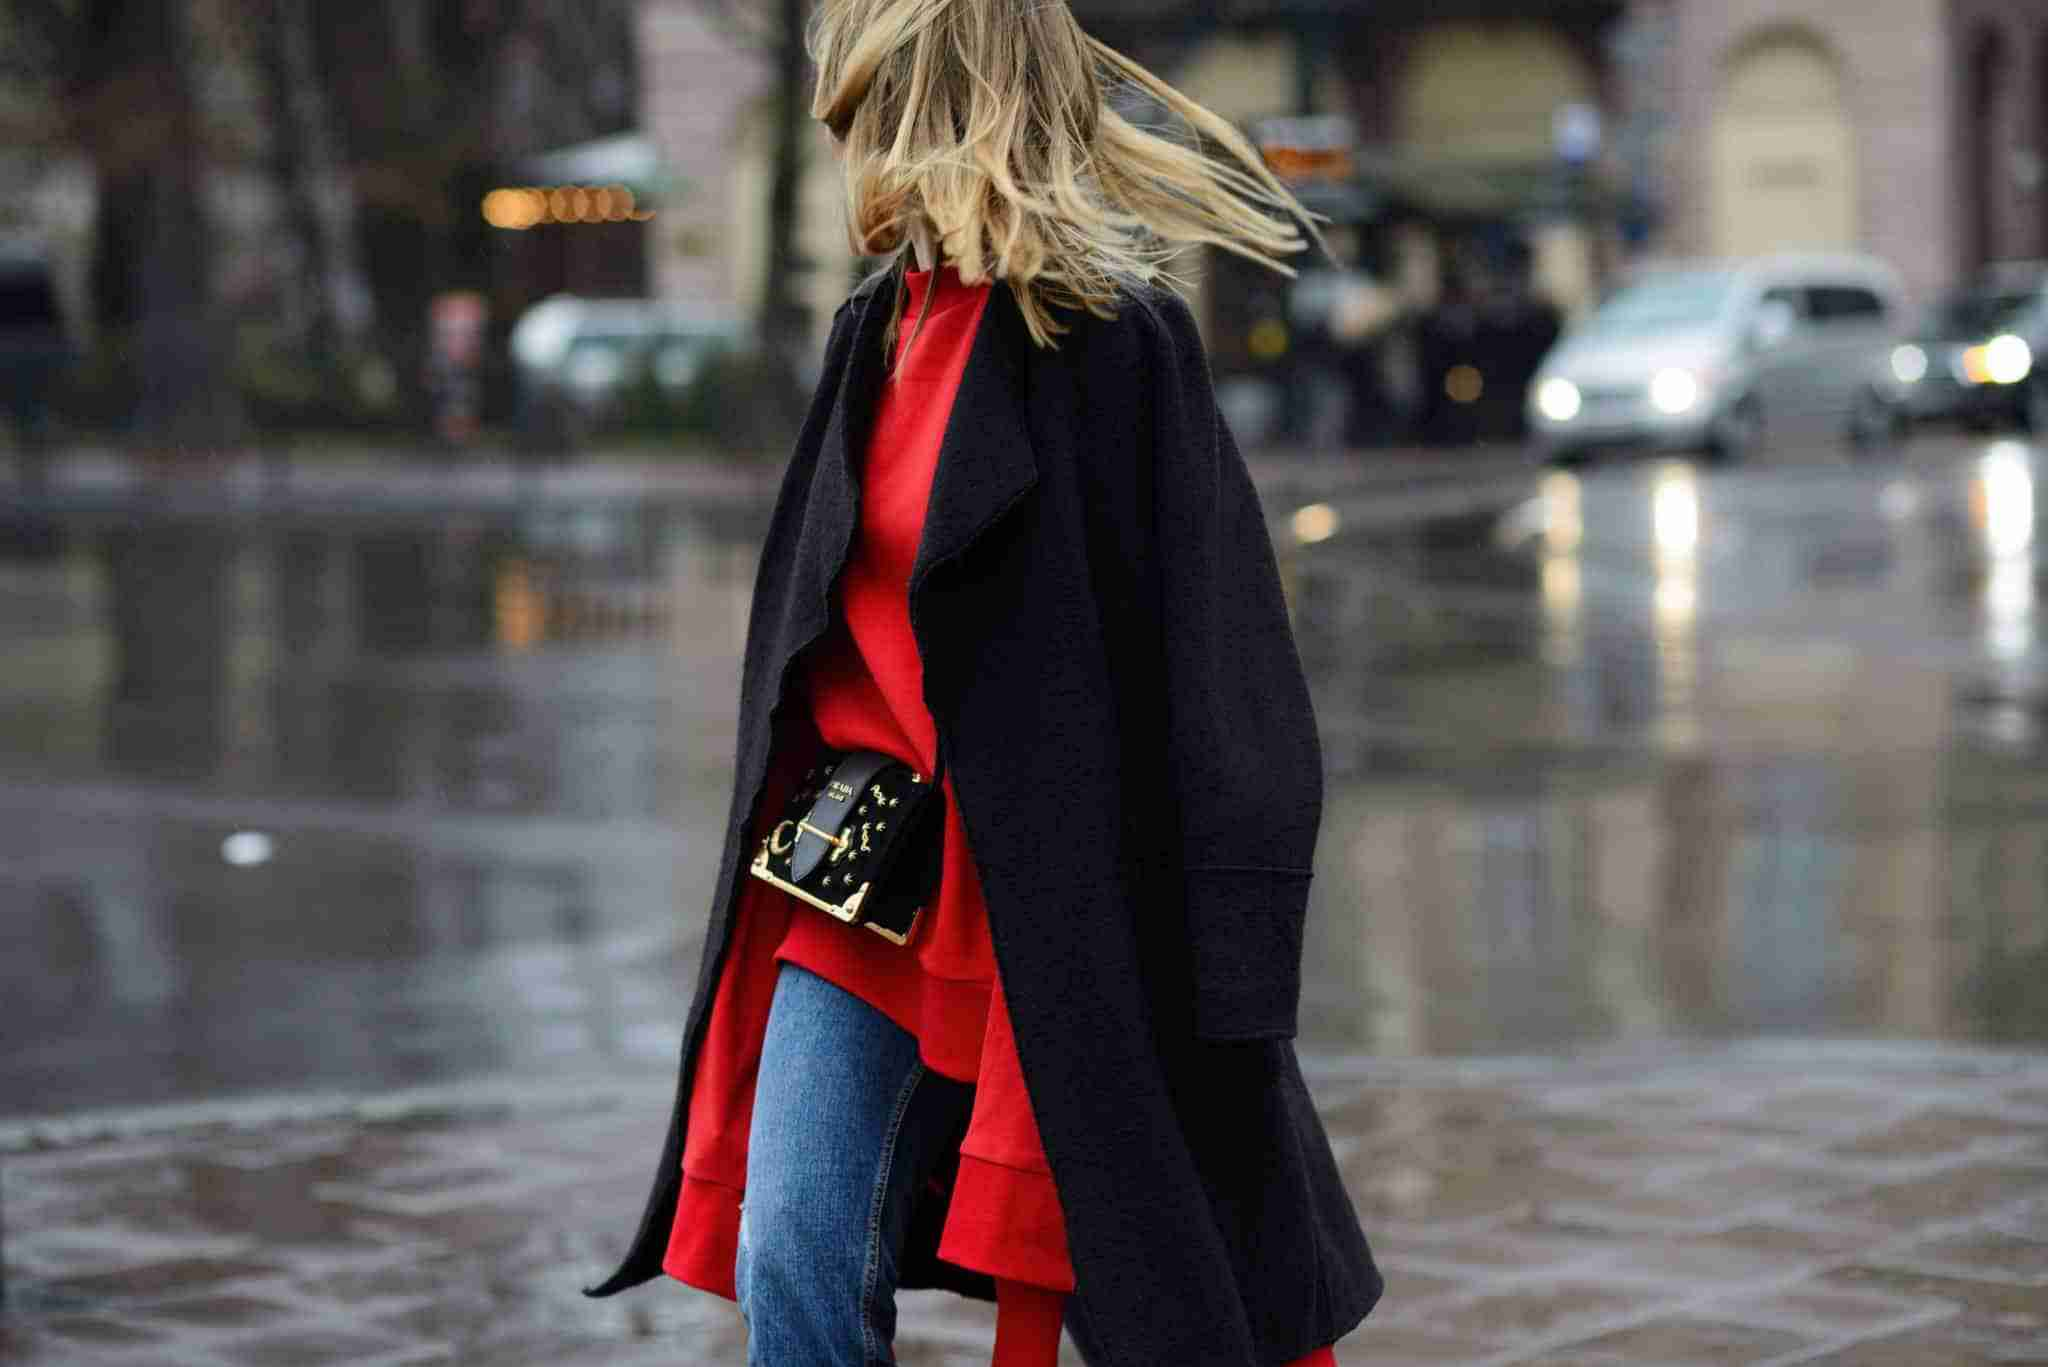 Krakowska ulica, Klaudia w bluzie Vetements i czarnym płaszczu.